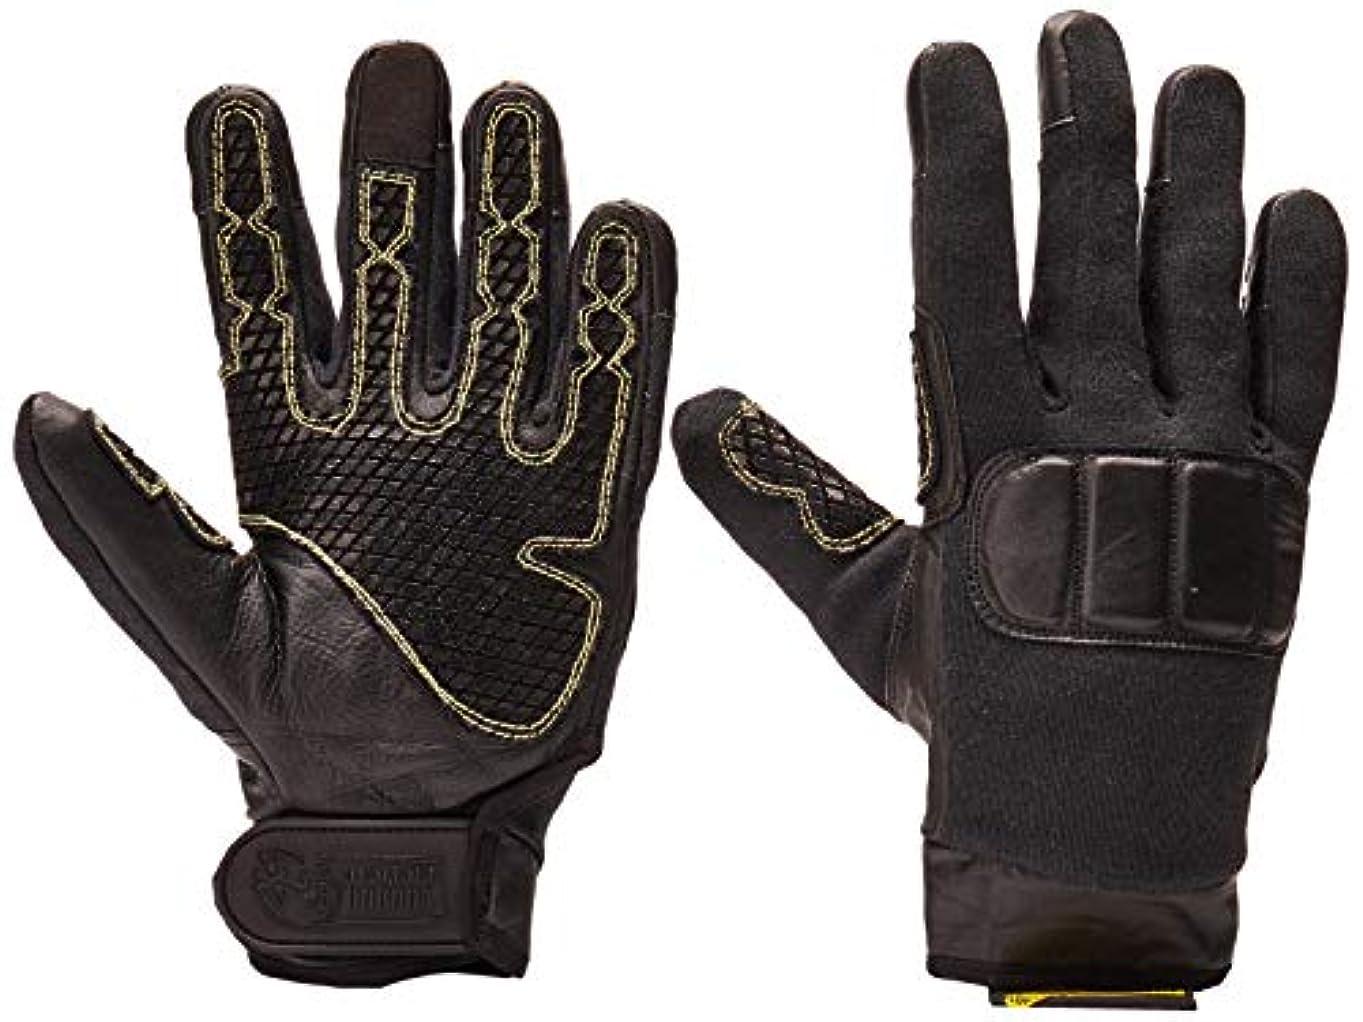 Voodoo Tactical 20-8881 パトリオット ケブラー手袋 ブラック